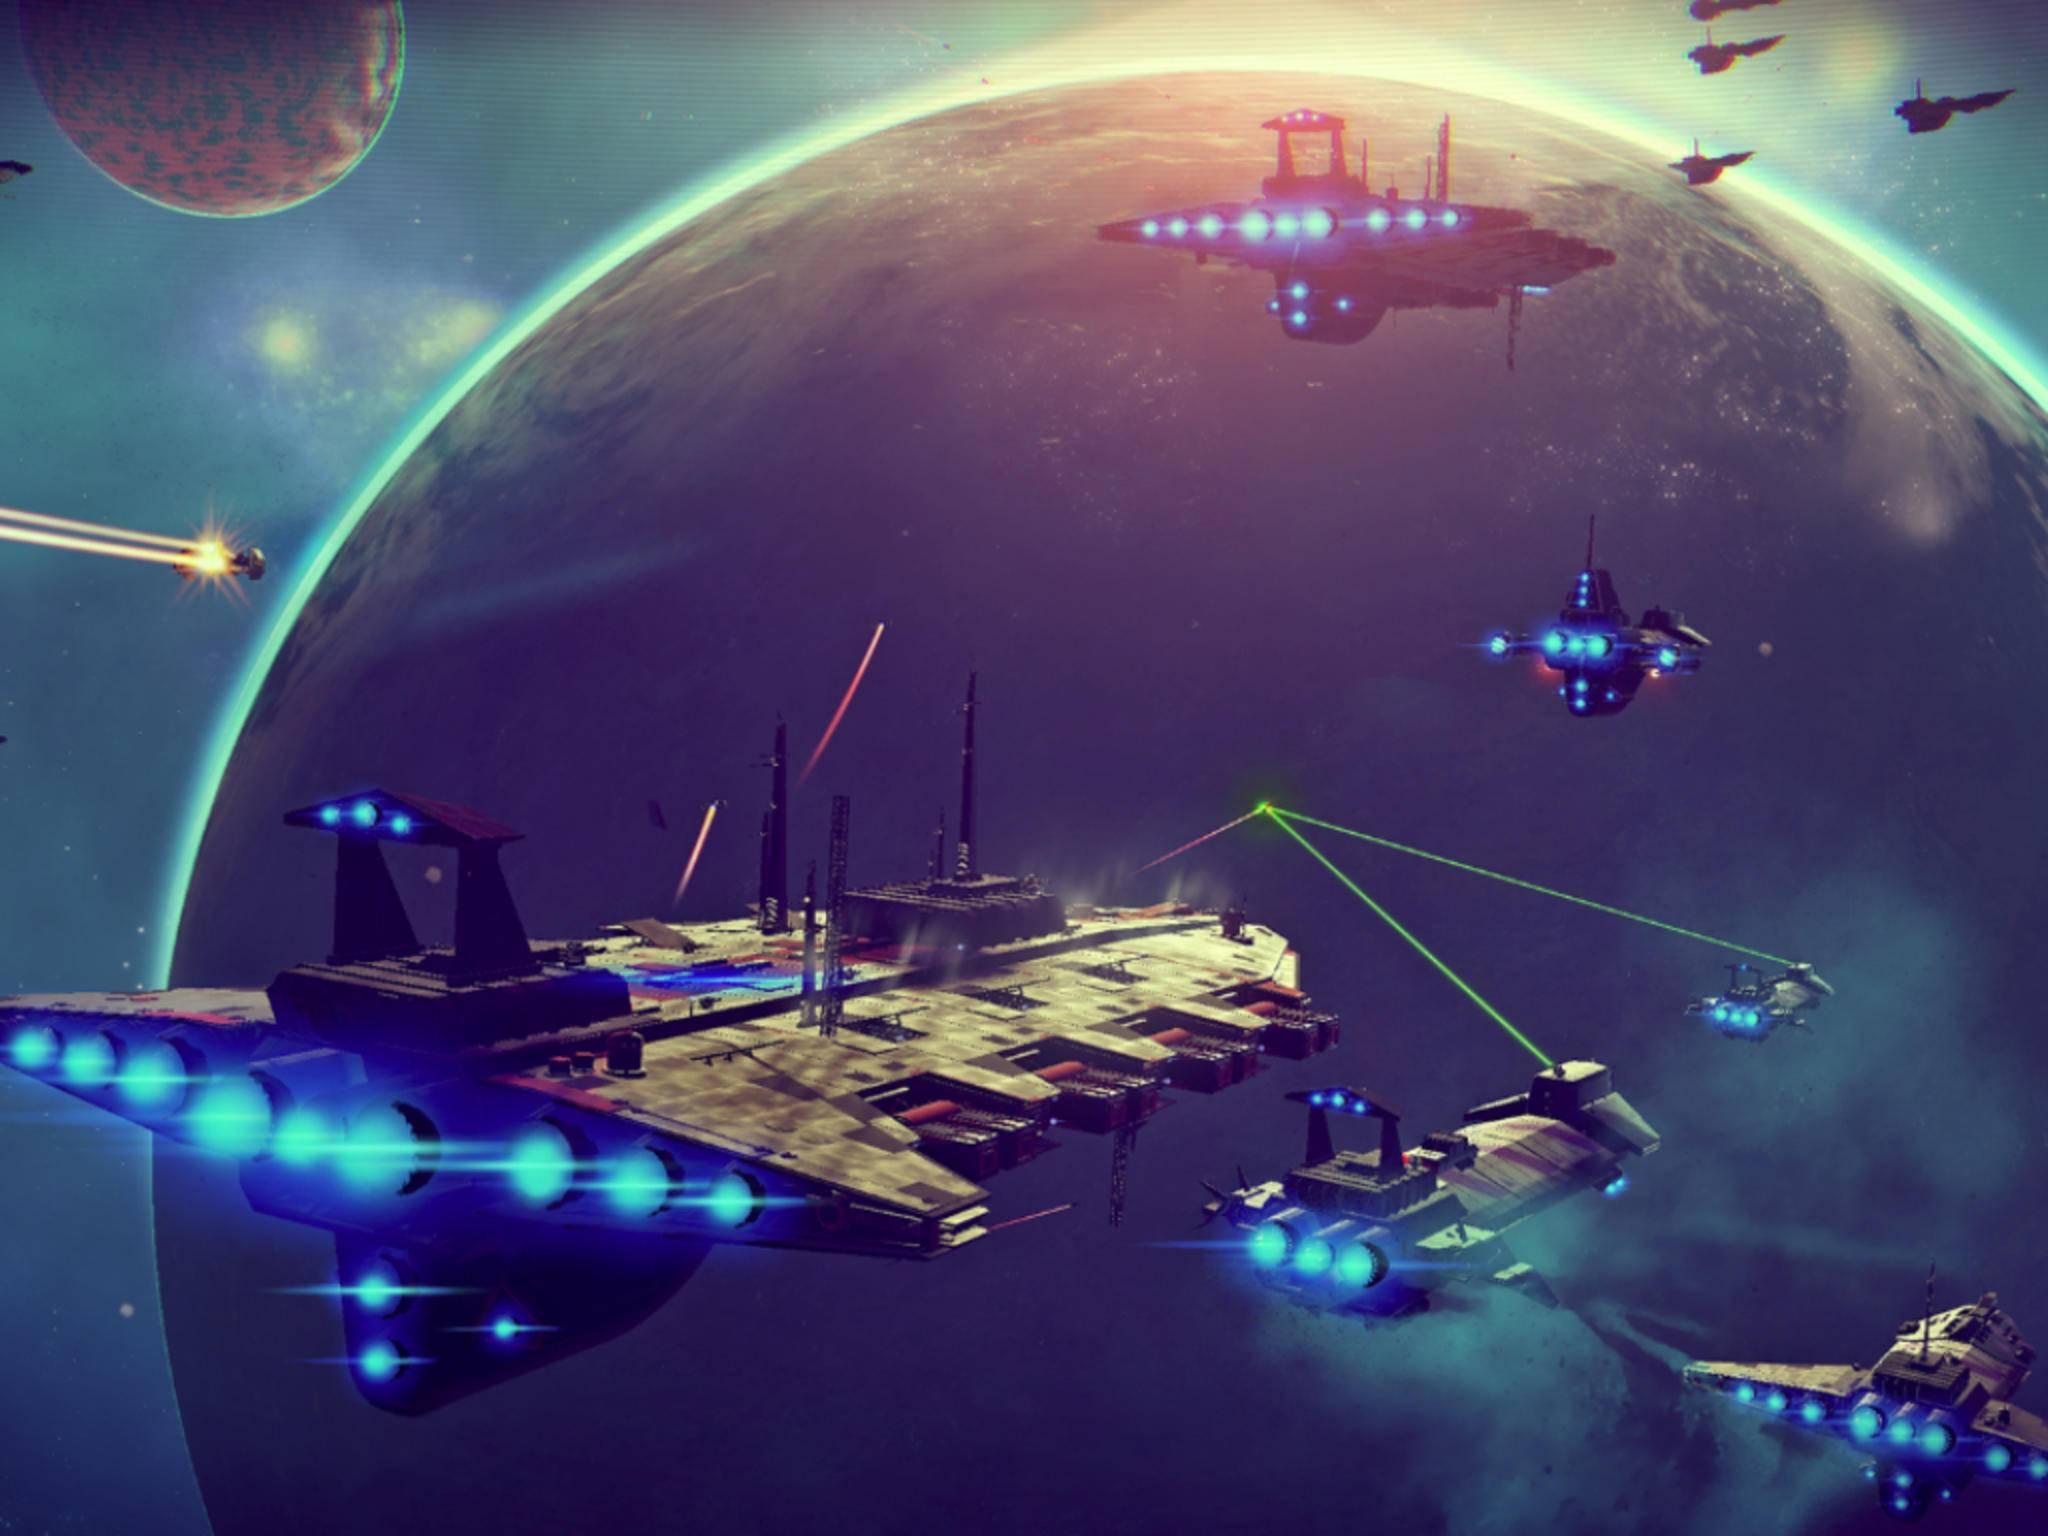 Große Schiffe gehören vorerst den NPCs, später sollen wir diese auch selbst bauen können.